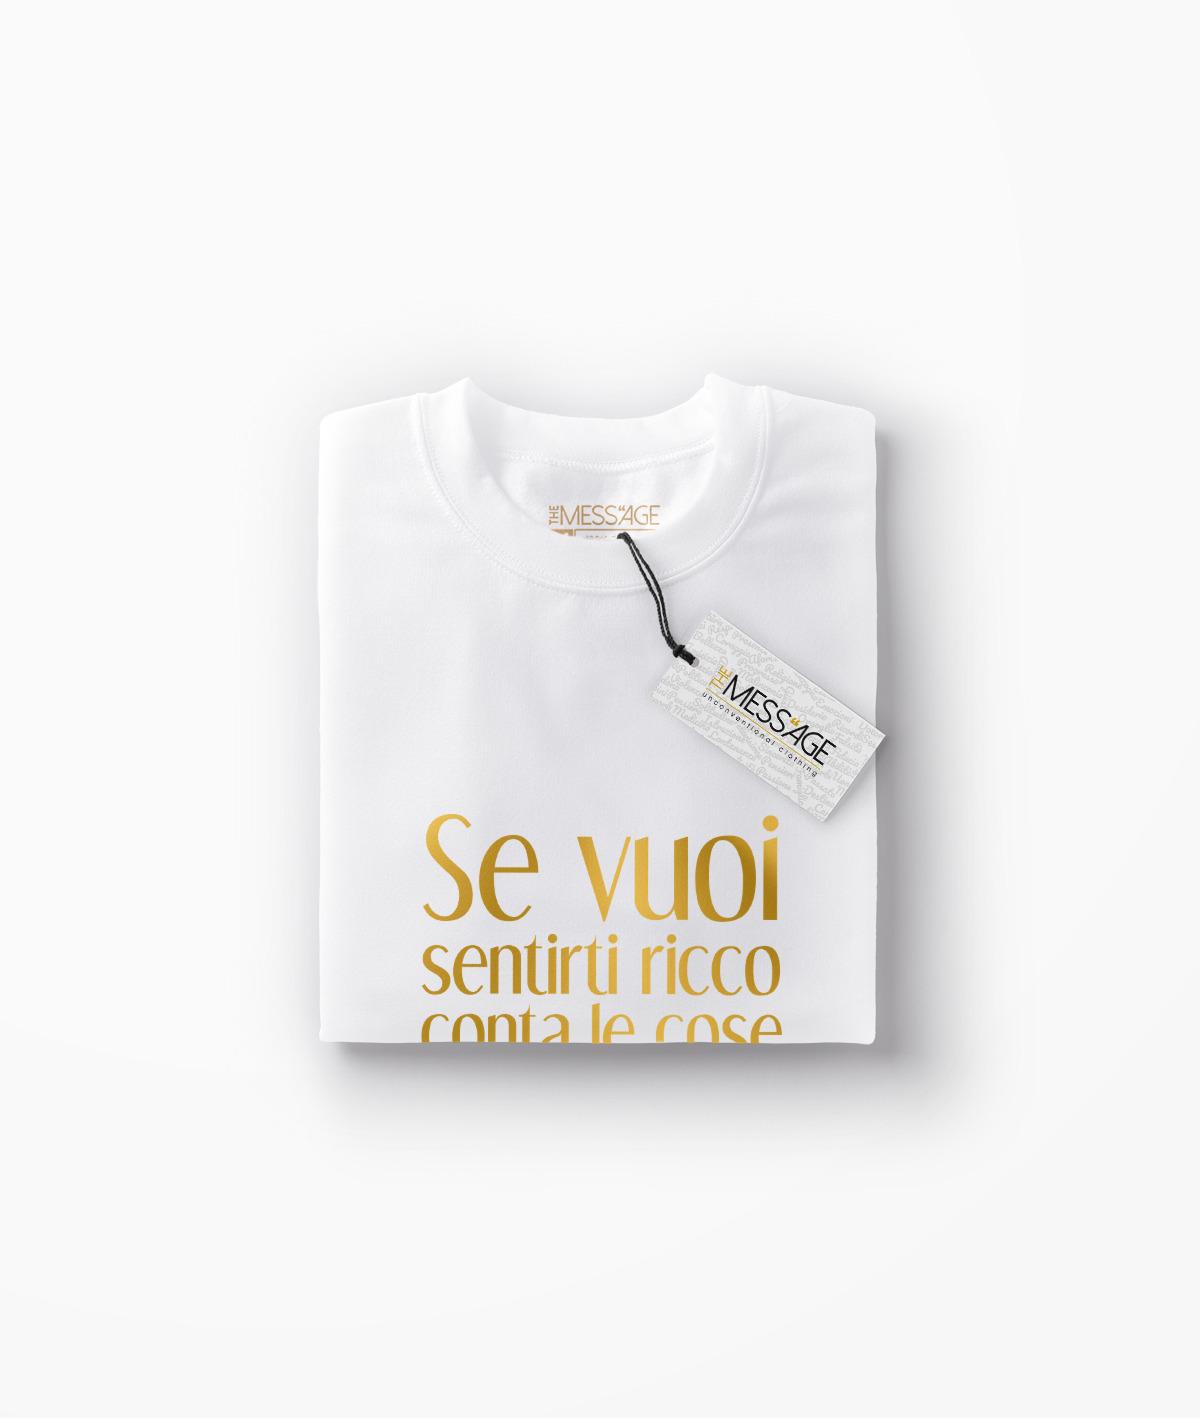 Se vuoi sentirti ricco – Seneca T-Shirt